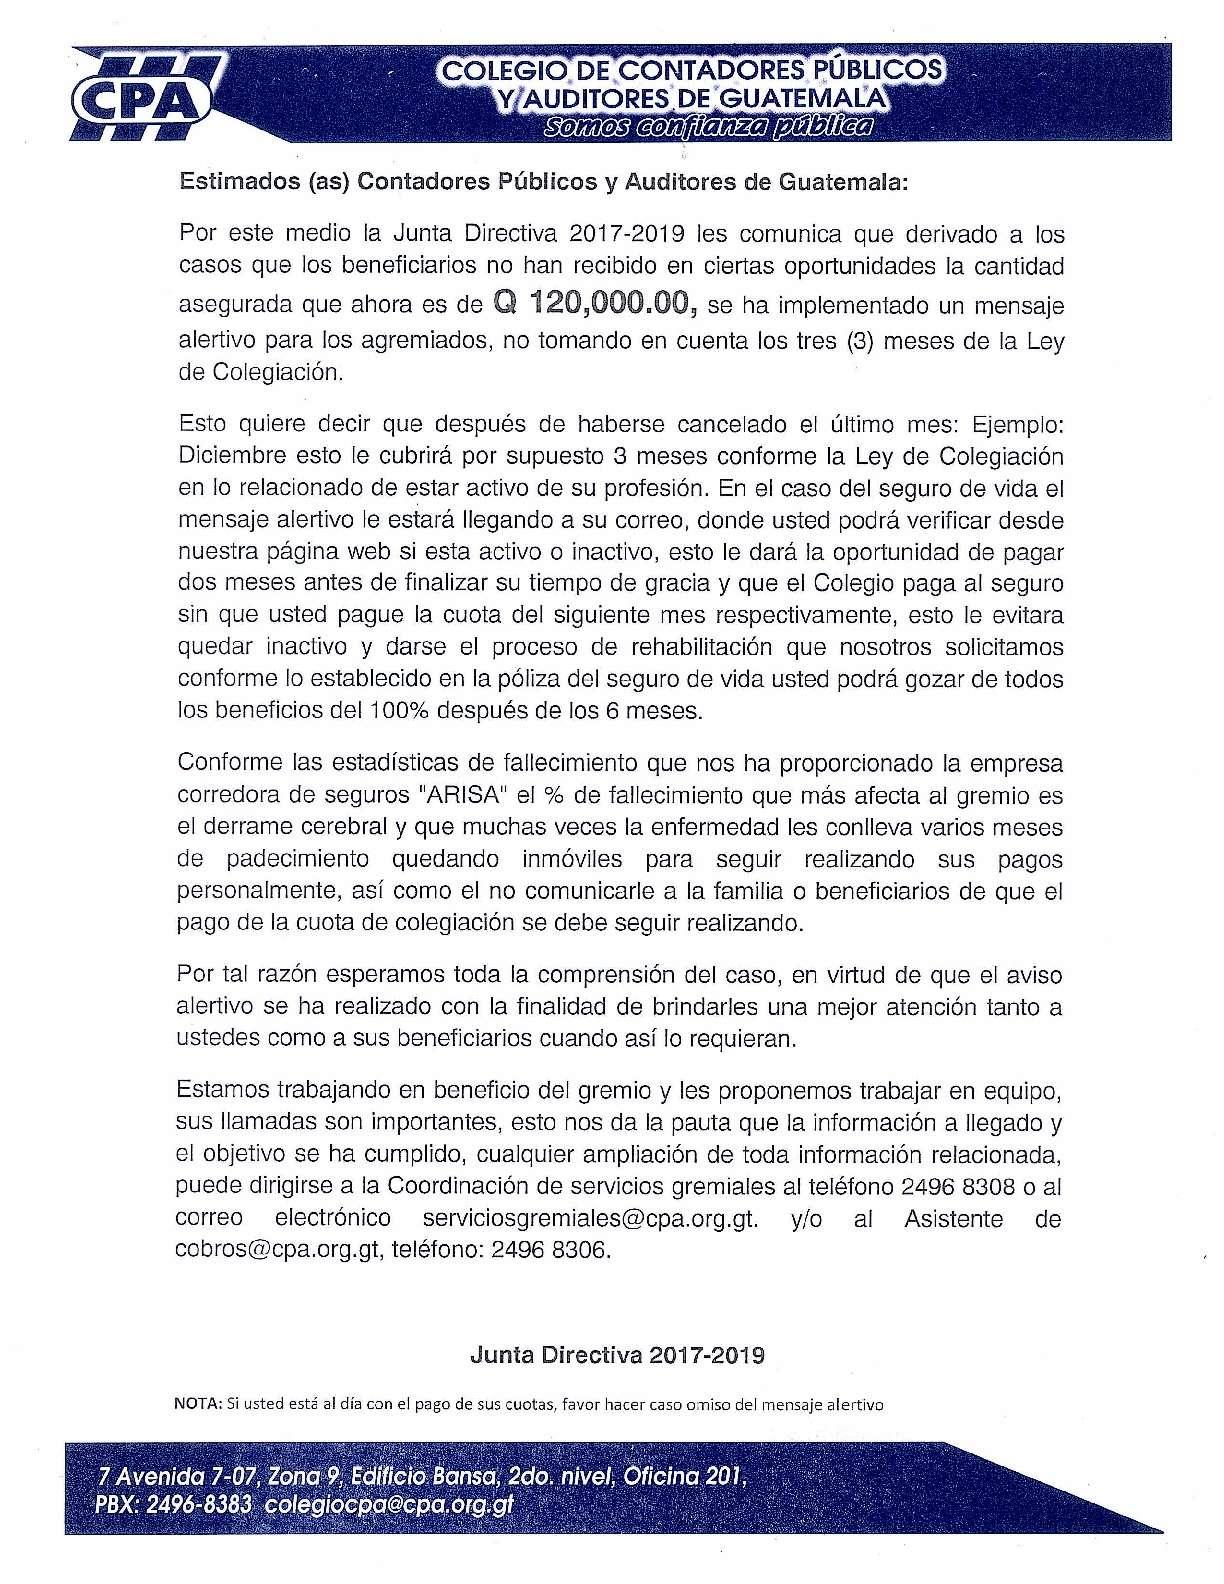 Junta Directiva 2017-2019 del Colegio de Contadores Públicos y Auditores de Guatemala Comunica: